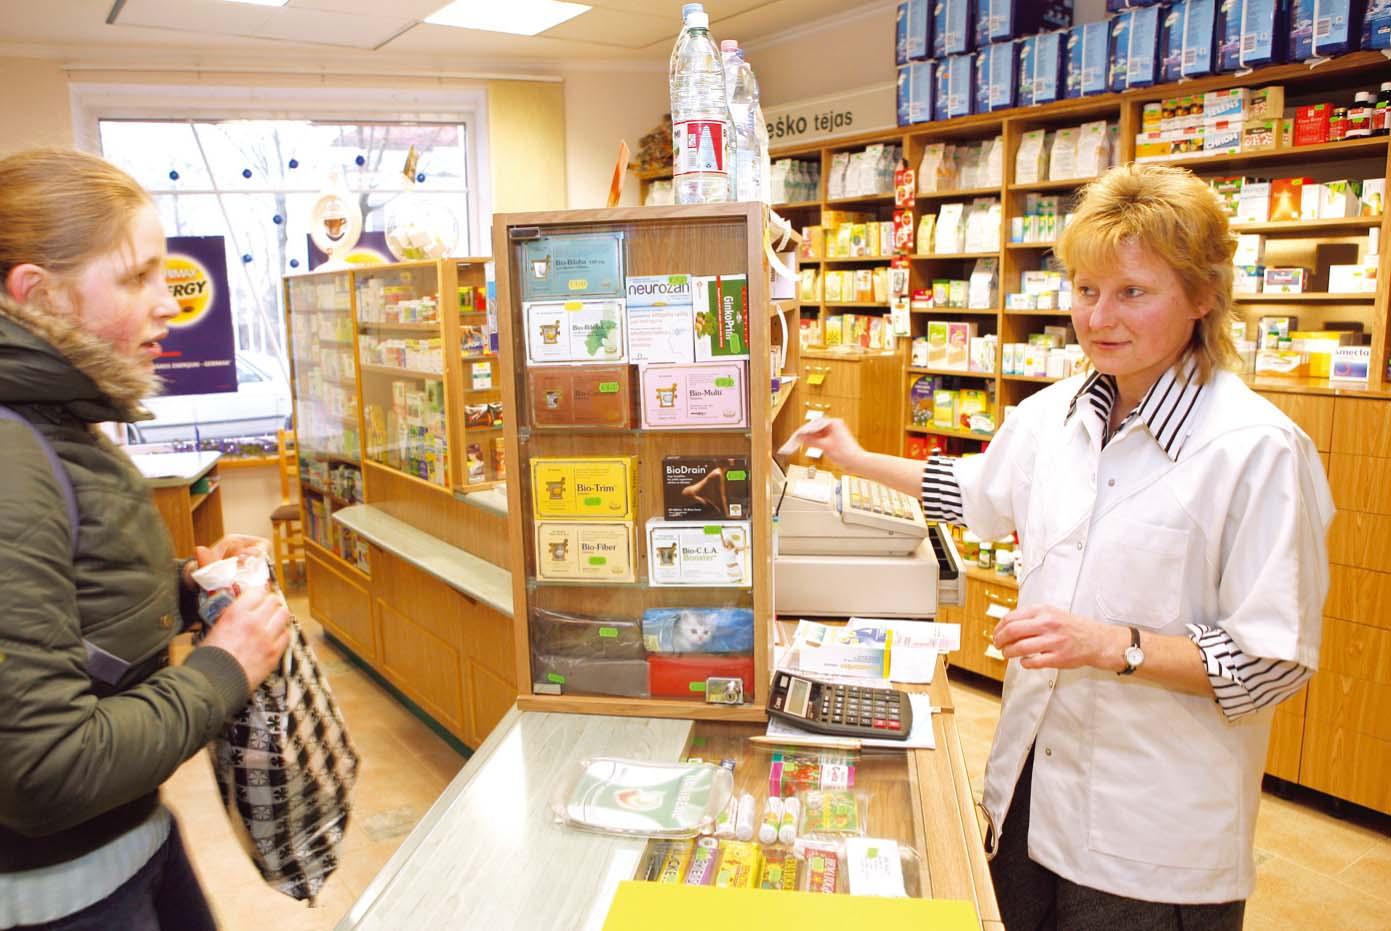 Aptieka ir atvērta katru dienu no astoņiem rītā līdz vienpadsmitiem vakarā, arī nedēļas nogalēs un svētku dienās. Klienti apkalpo farmaceite Agita Vaivare